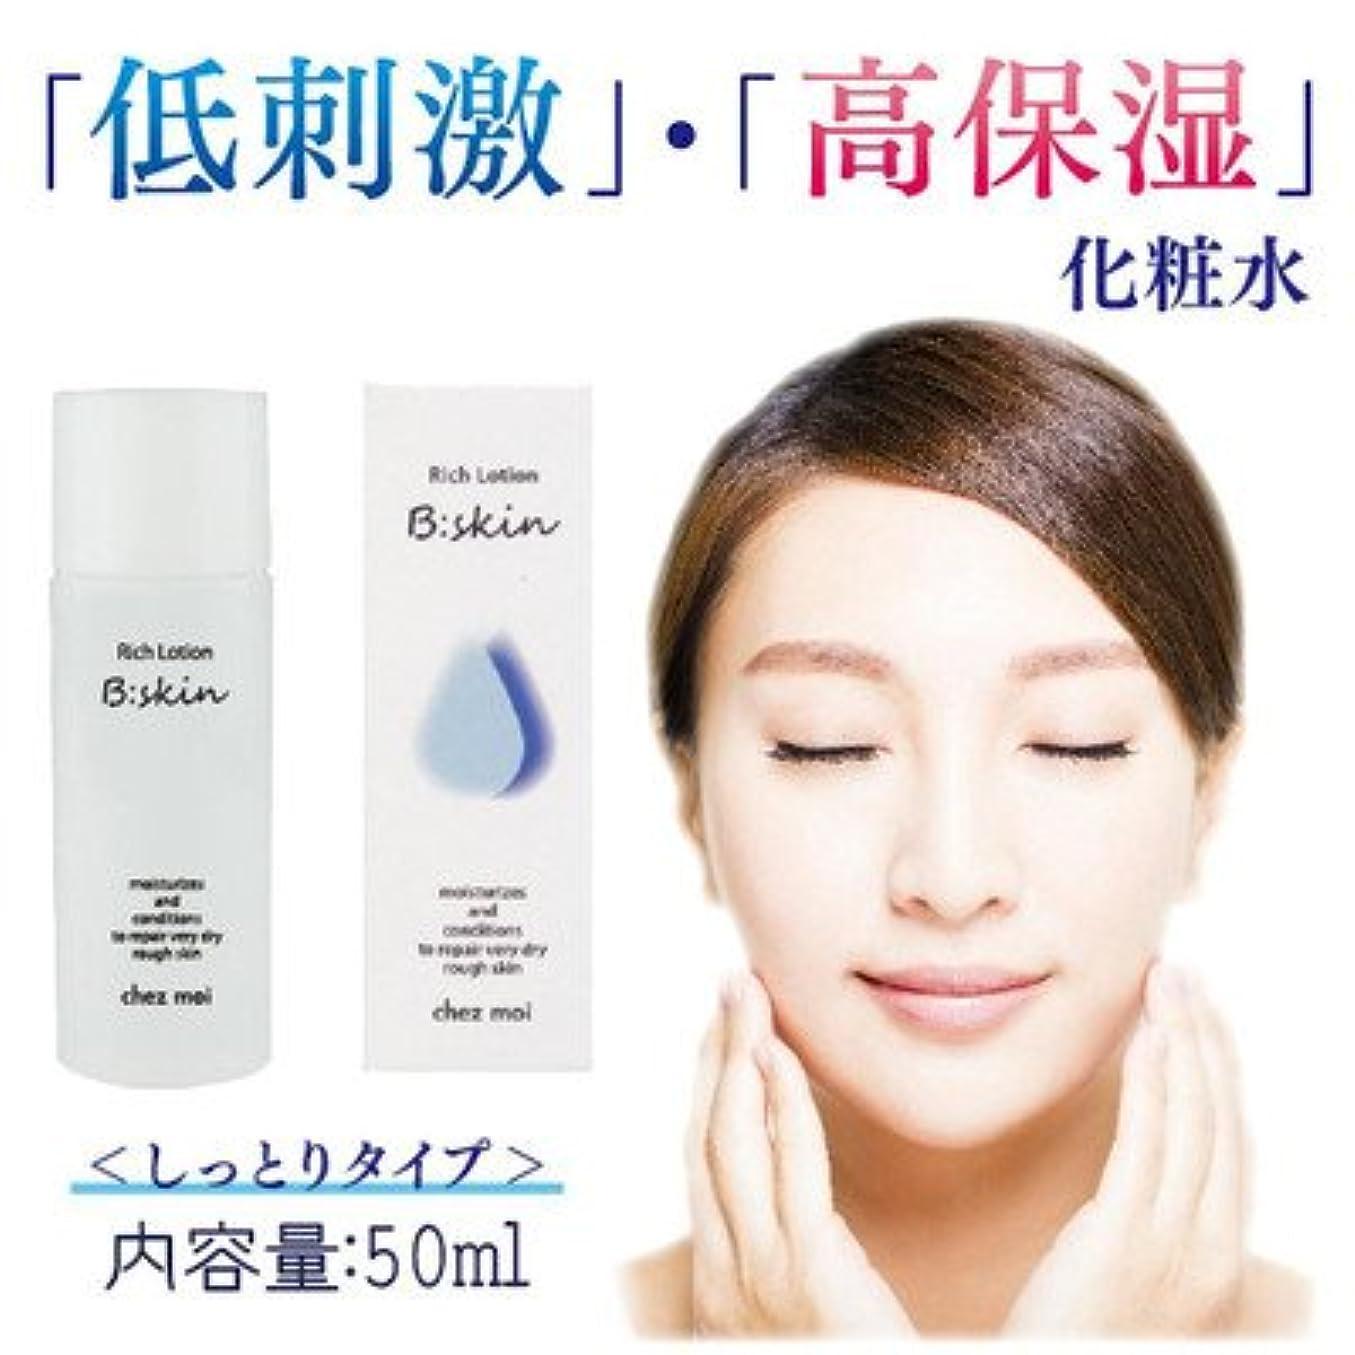 ラリースクリーチ寸法低刺激 高保湿 しっとりタイプの化粧水 B:skin ビースキン Rich Lotion リッチローション しっとりタイプ 化粧水 50mL